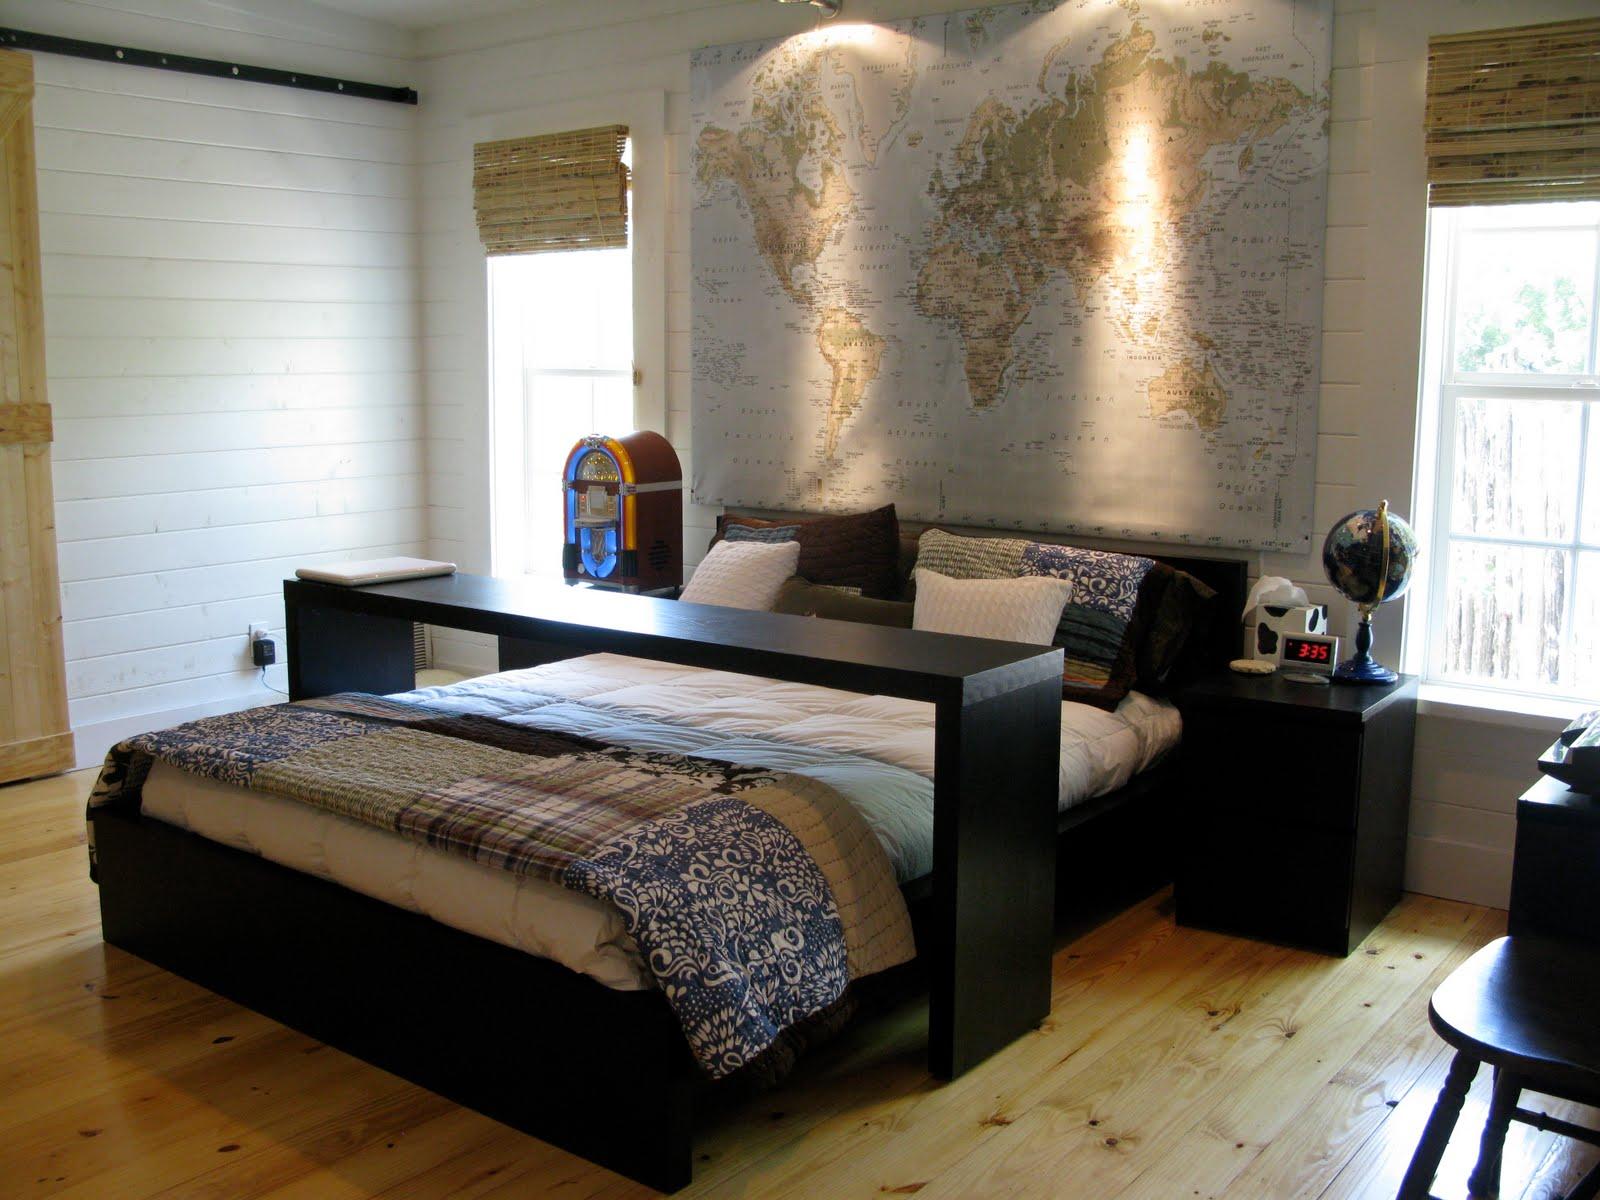 guddommelig-moderne-sort-sengetøj-møbler-set-fra-ikea-til-din-lille-værelses-design-ideer-med-map-og-globe-ornament